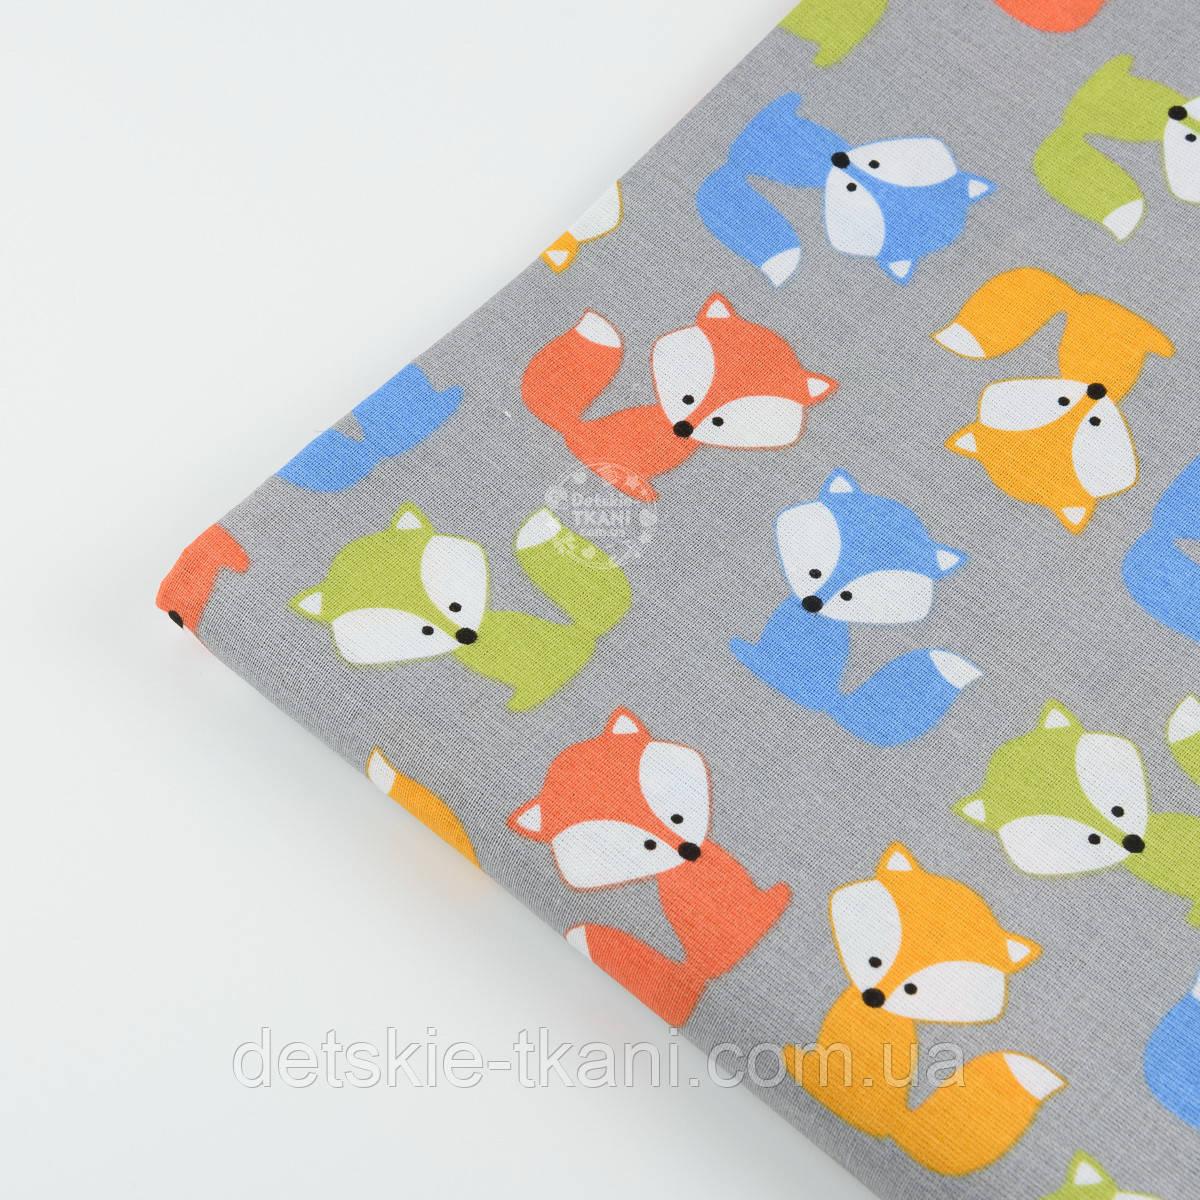 Отрез ткани №839  с разноцветными лисичками на сером фоне, размер 80*160